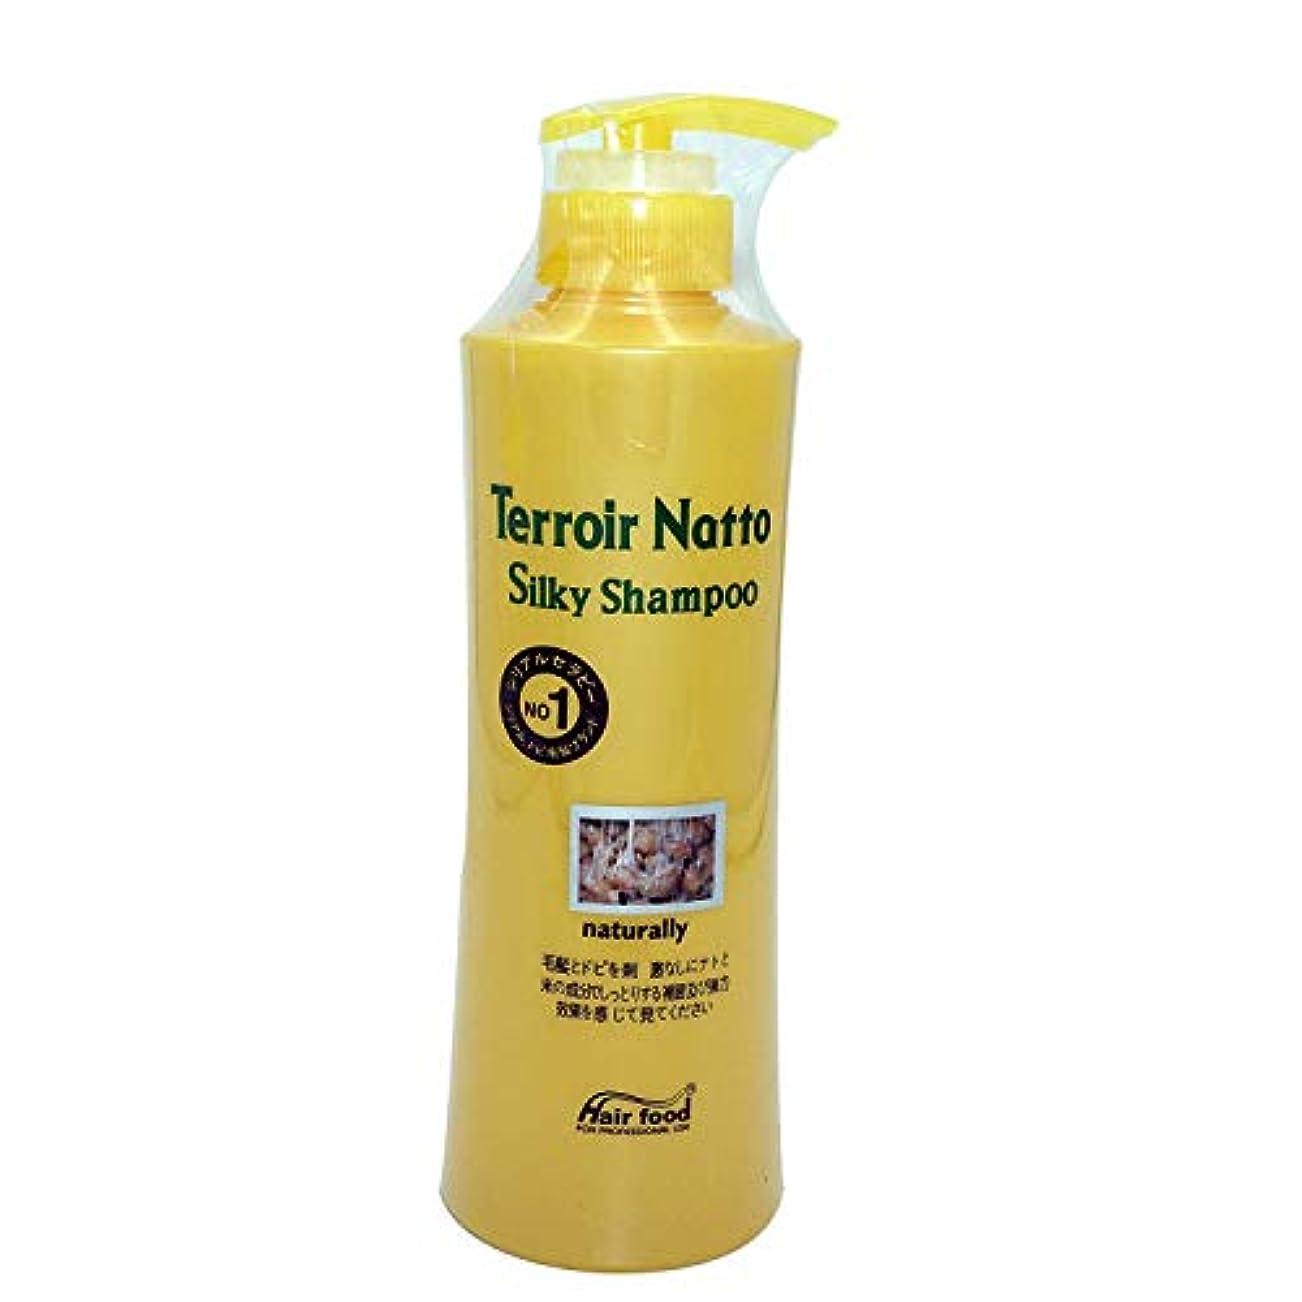 Hair food テロワール納豆シルキーシャンプー500ml、乾燥薄毛とセンシティブな頭皮用 - ビタミンタンパクによる弾力ヘア (Terroir Natto Silky Shampoo 500ml for Dry Thin...